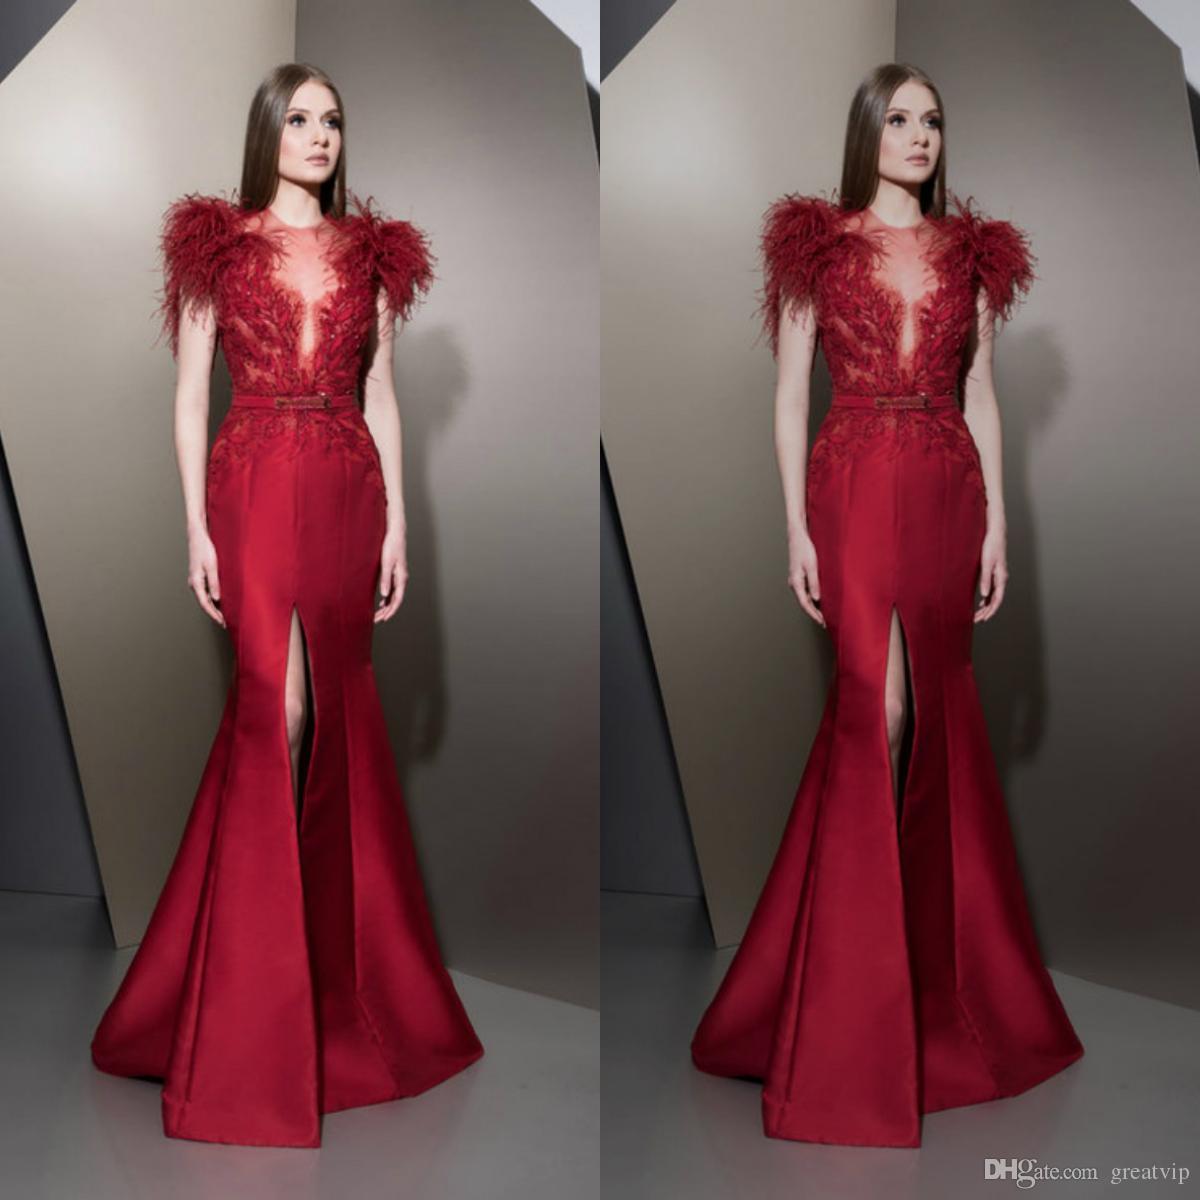 Ziad Nakad 고급 붉은 인어 이브닝 드레스 깃털 Applique 댄스 파티 플러스 사이즈 공식 파티 드레스 맞춤형 가운 De Soirée